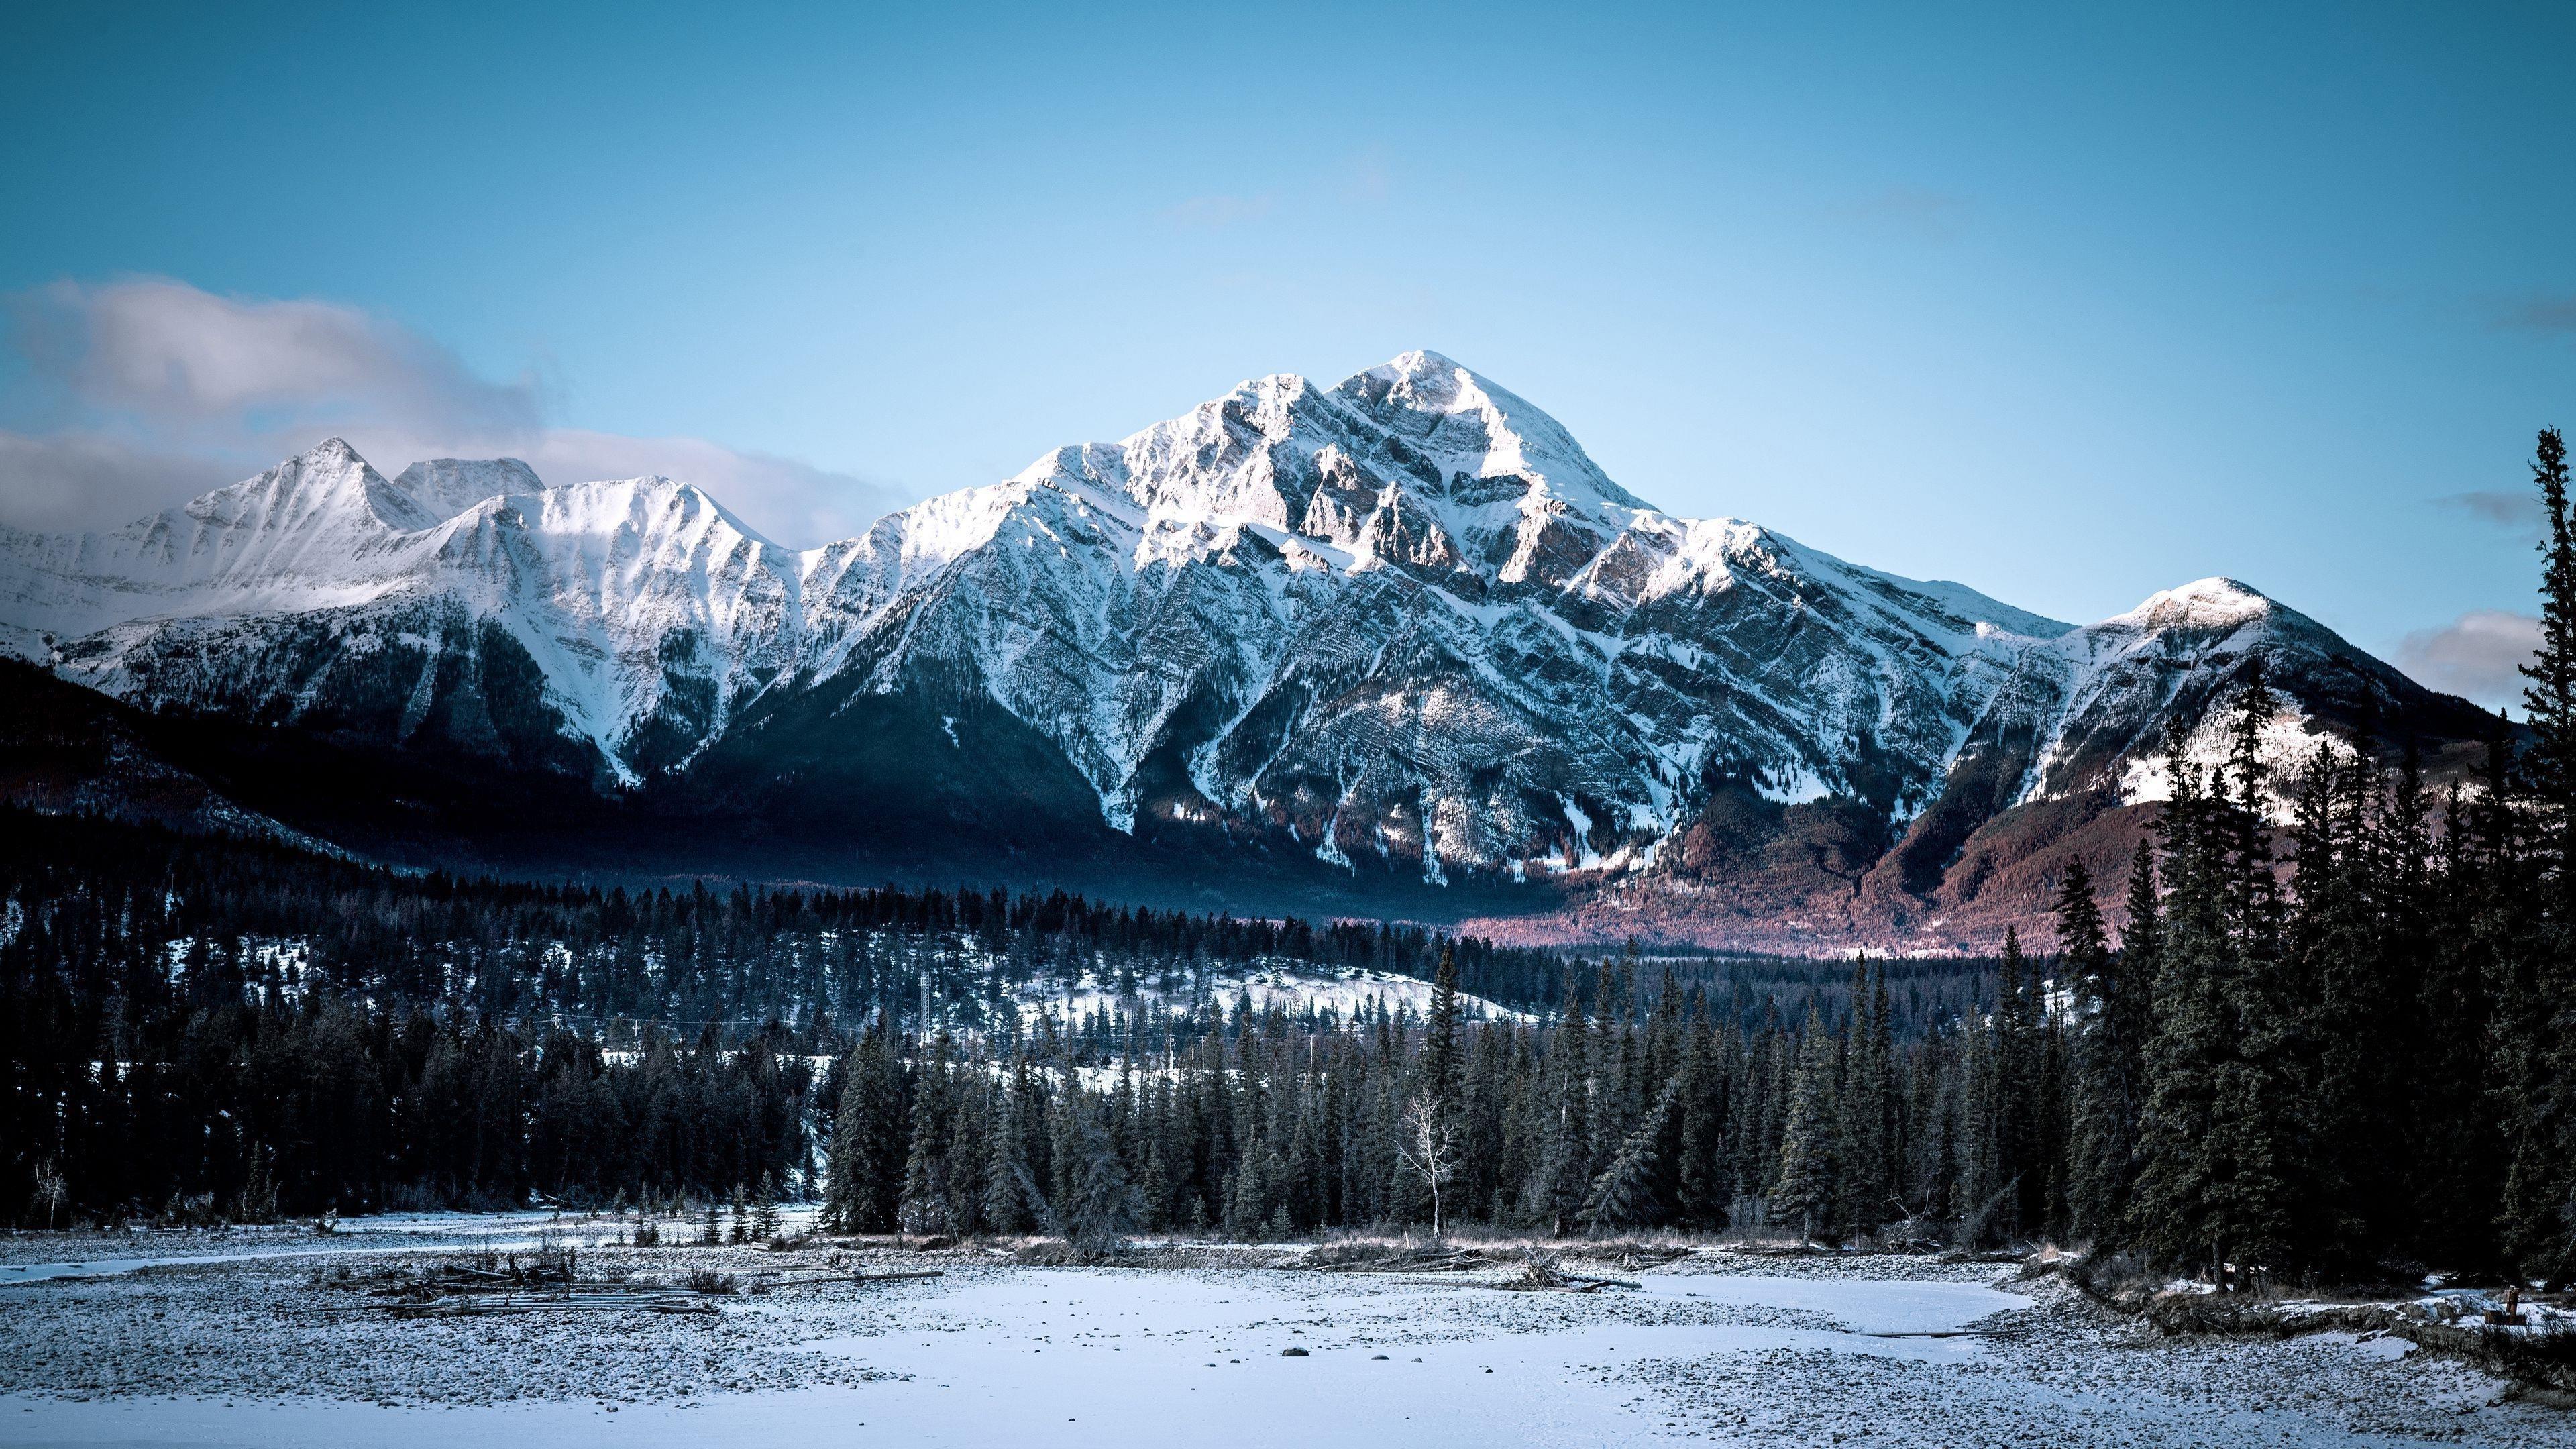 Заснеженная гора под снегом поле между пальмами природа обои скачать